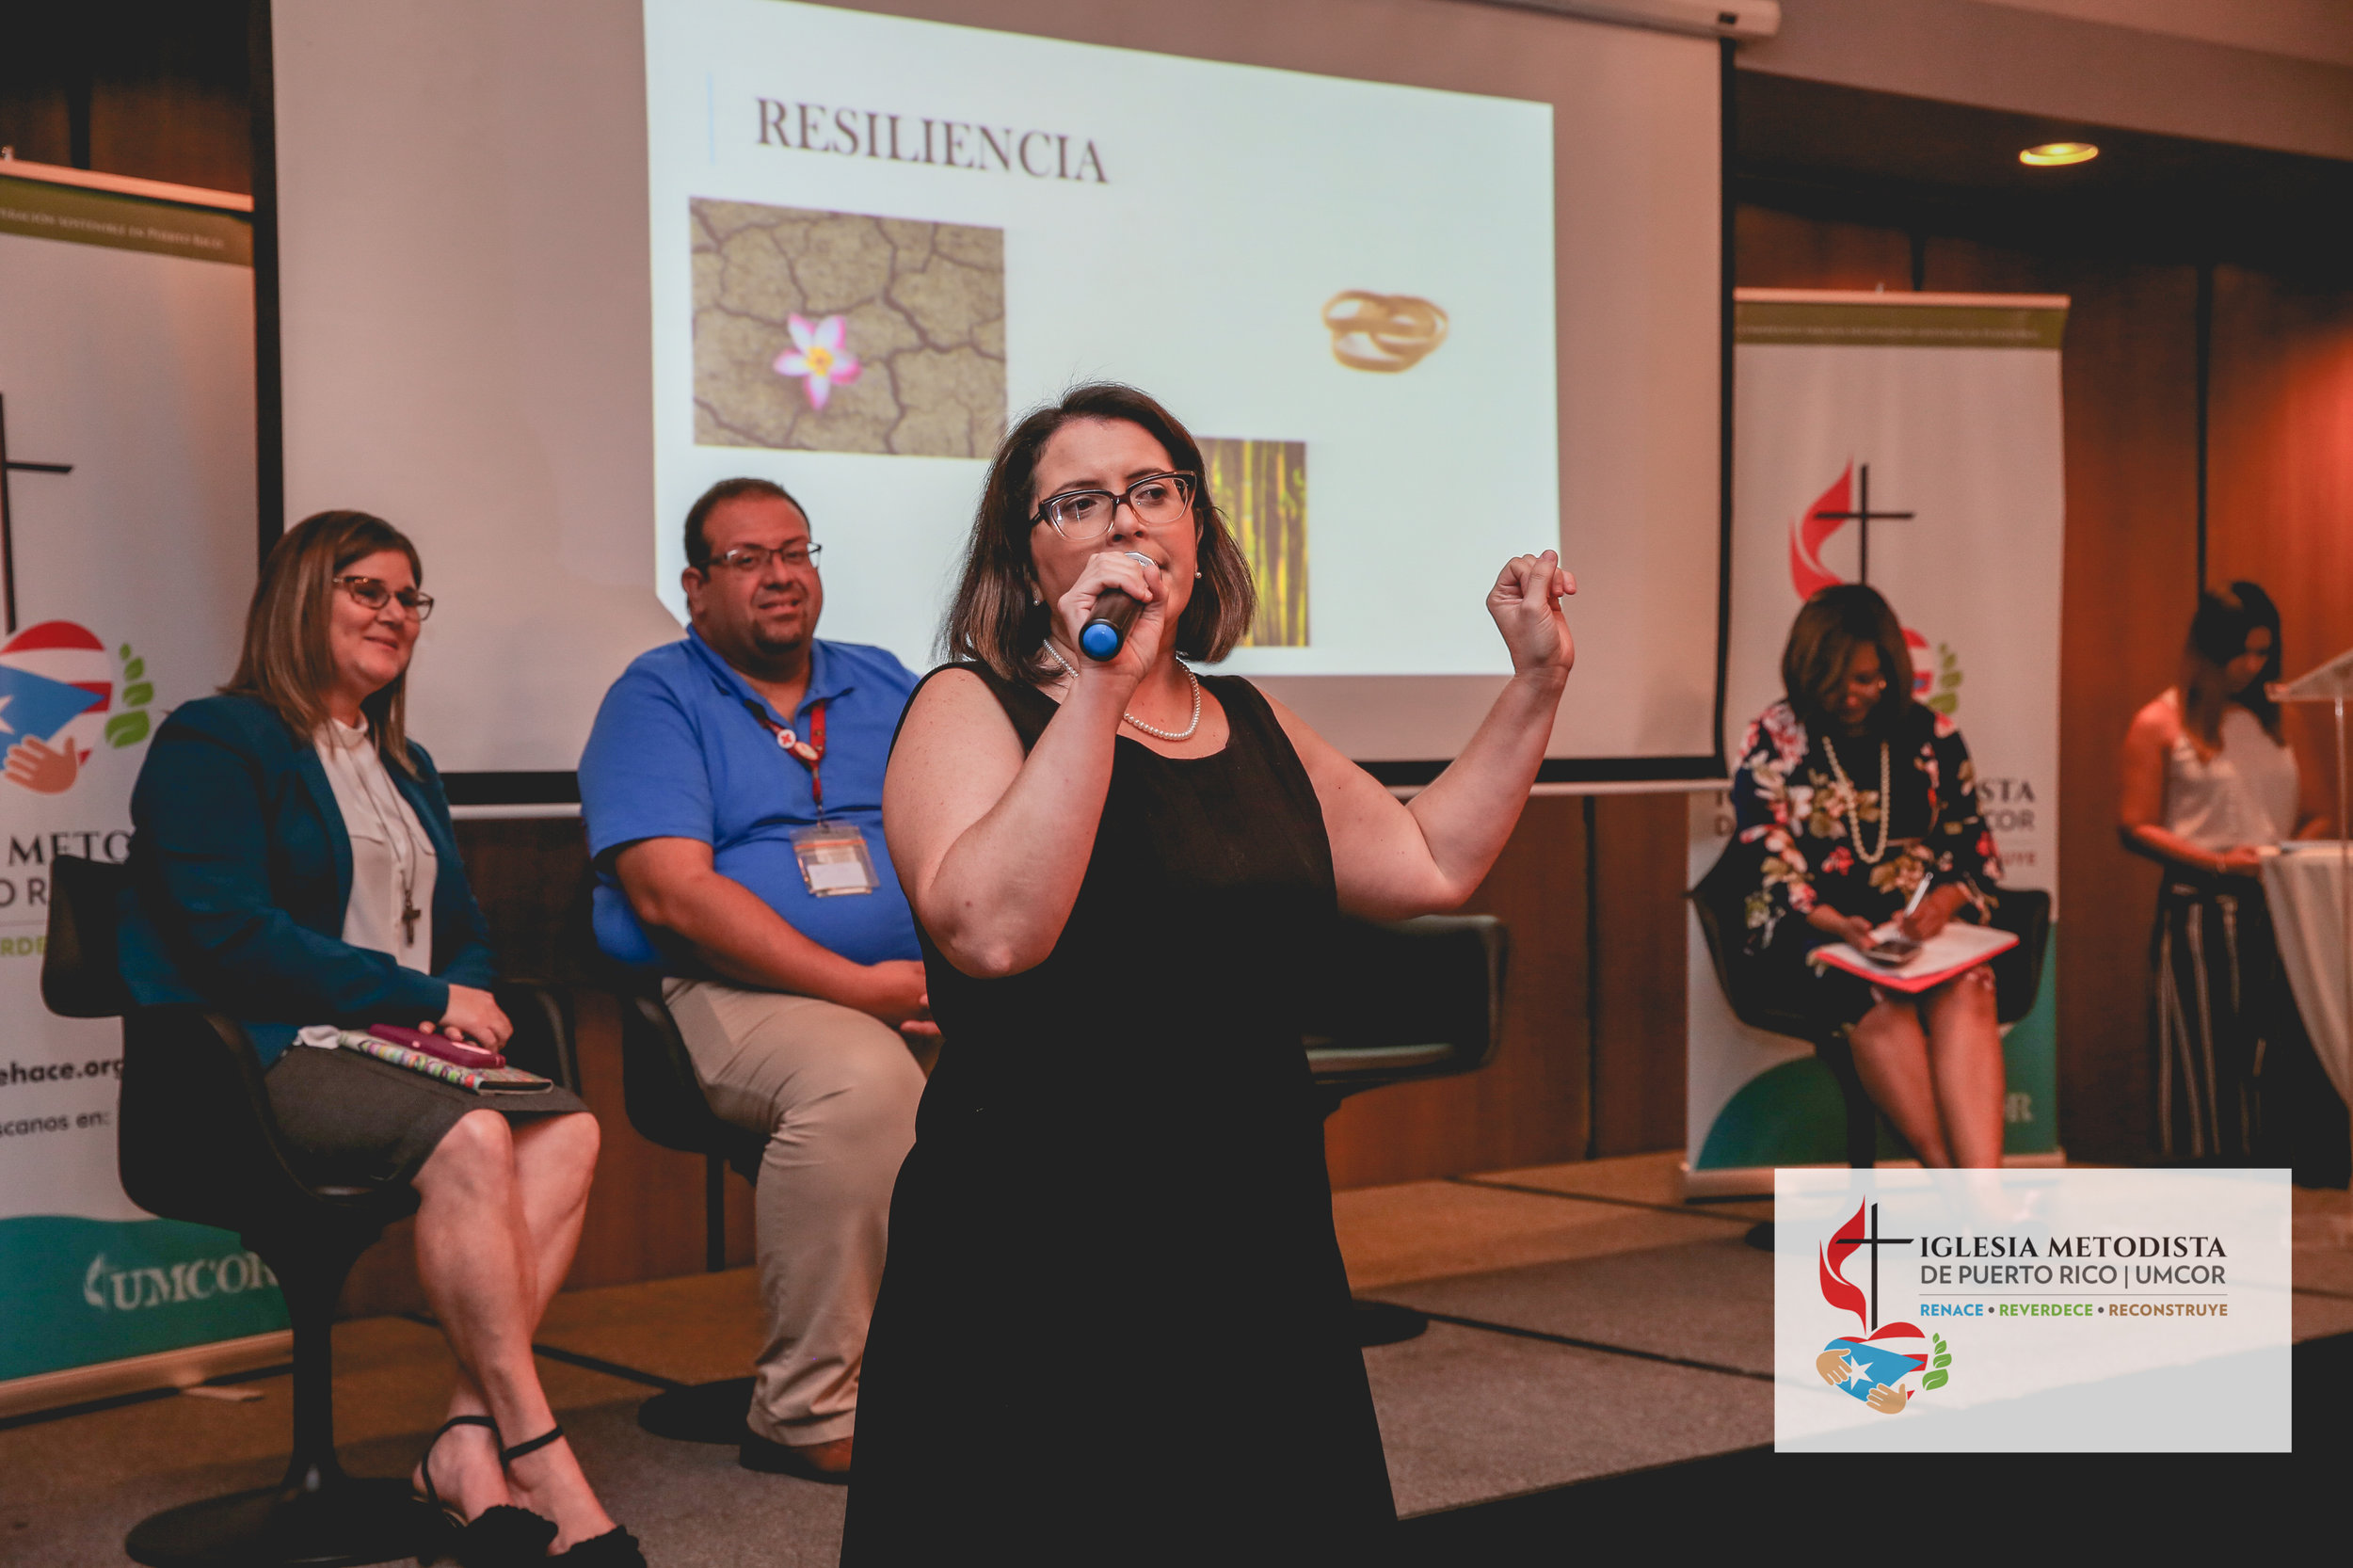 Fotos Album_Taller Iglesia y Comunidad-ESG55301.JPG